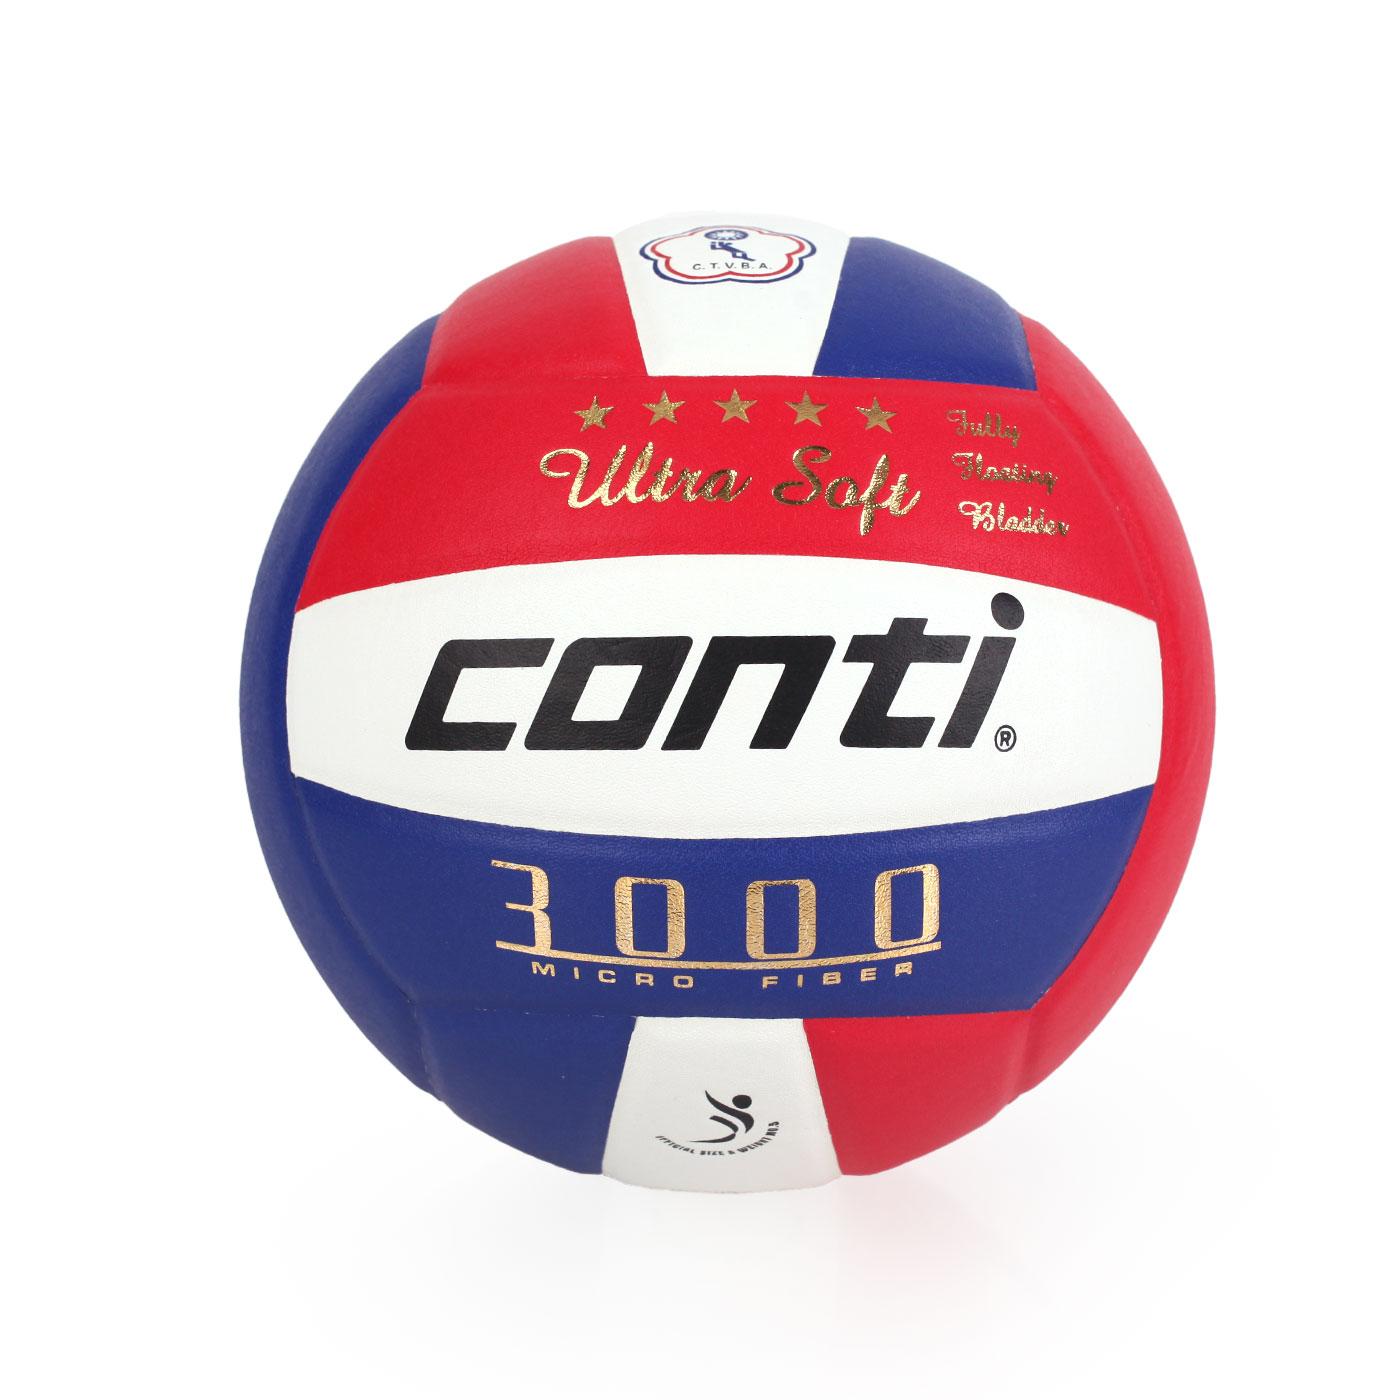 詠冠conti 5號頂級超細纖維貼布排球 CONTIV3000-5-RWB - 藍紅白